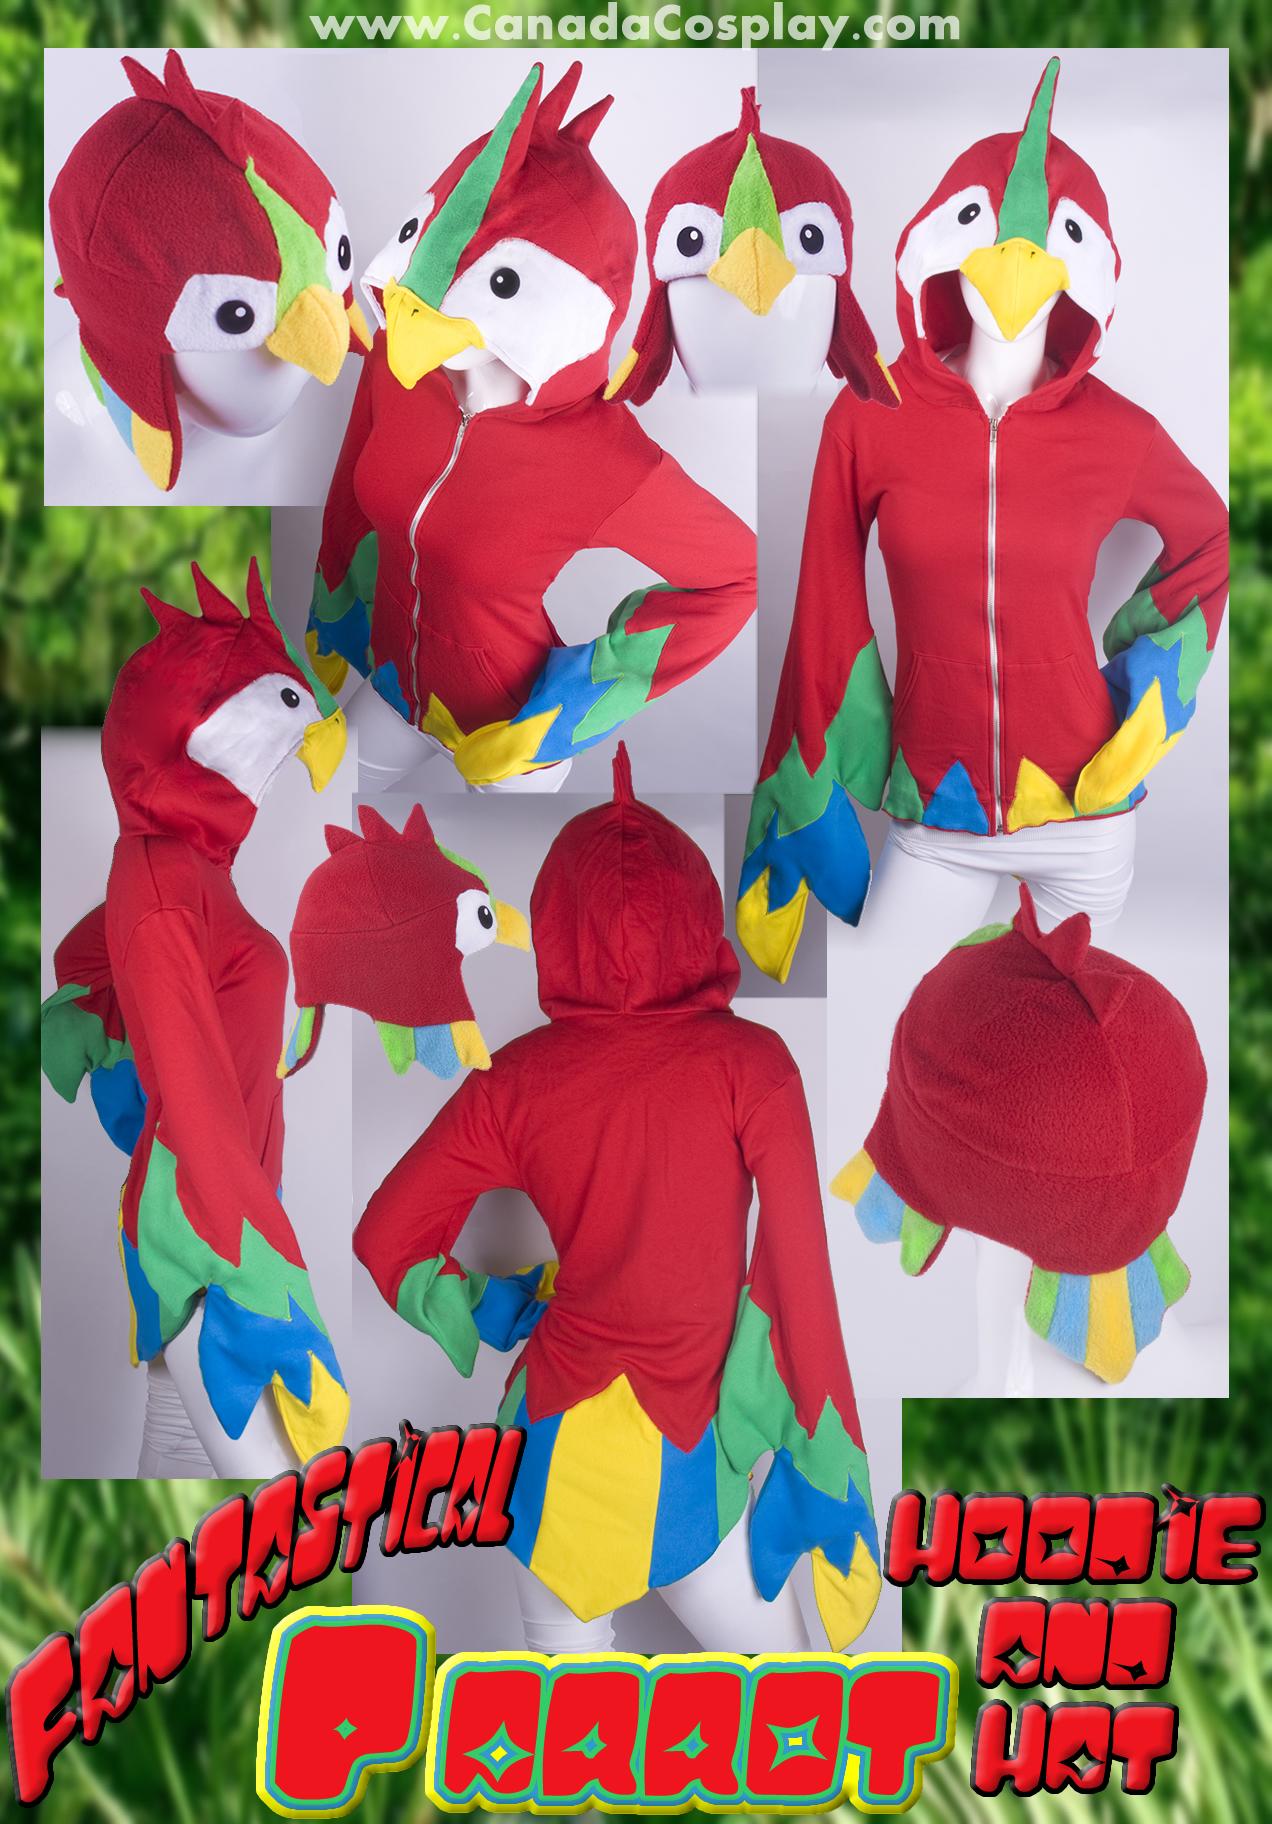 Fantastic Parrot Hoodie n Hat by calgarycosplay